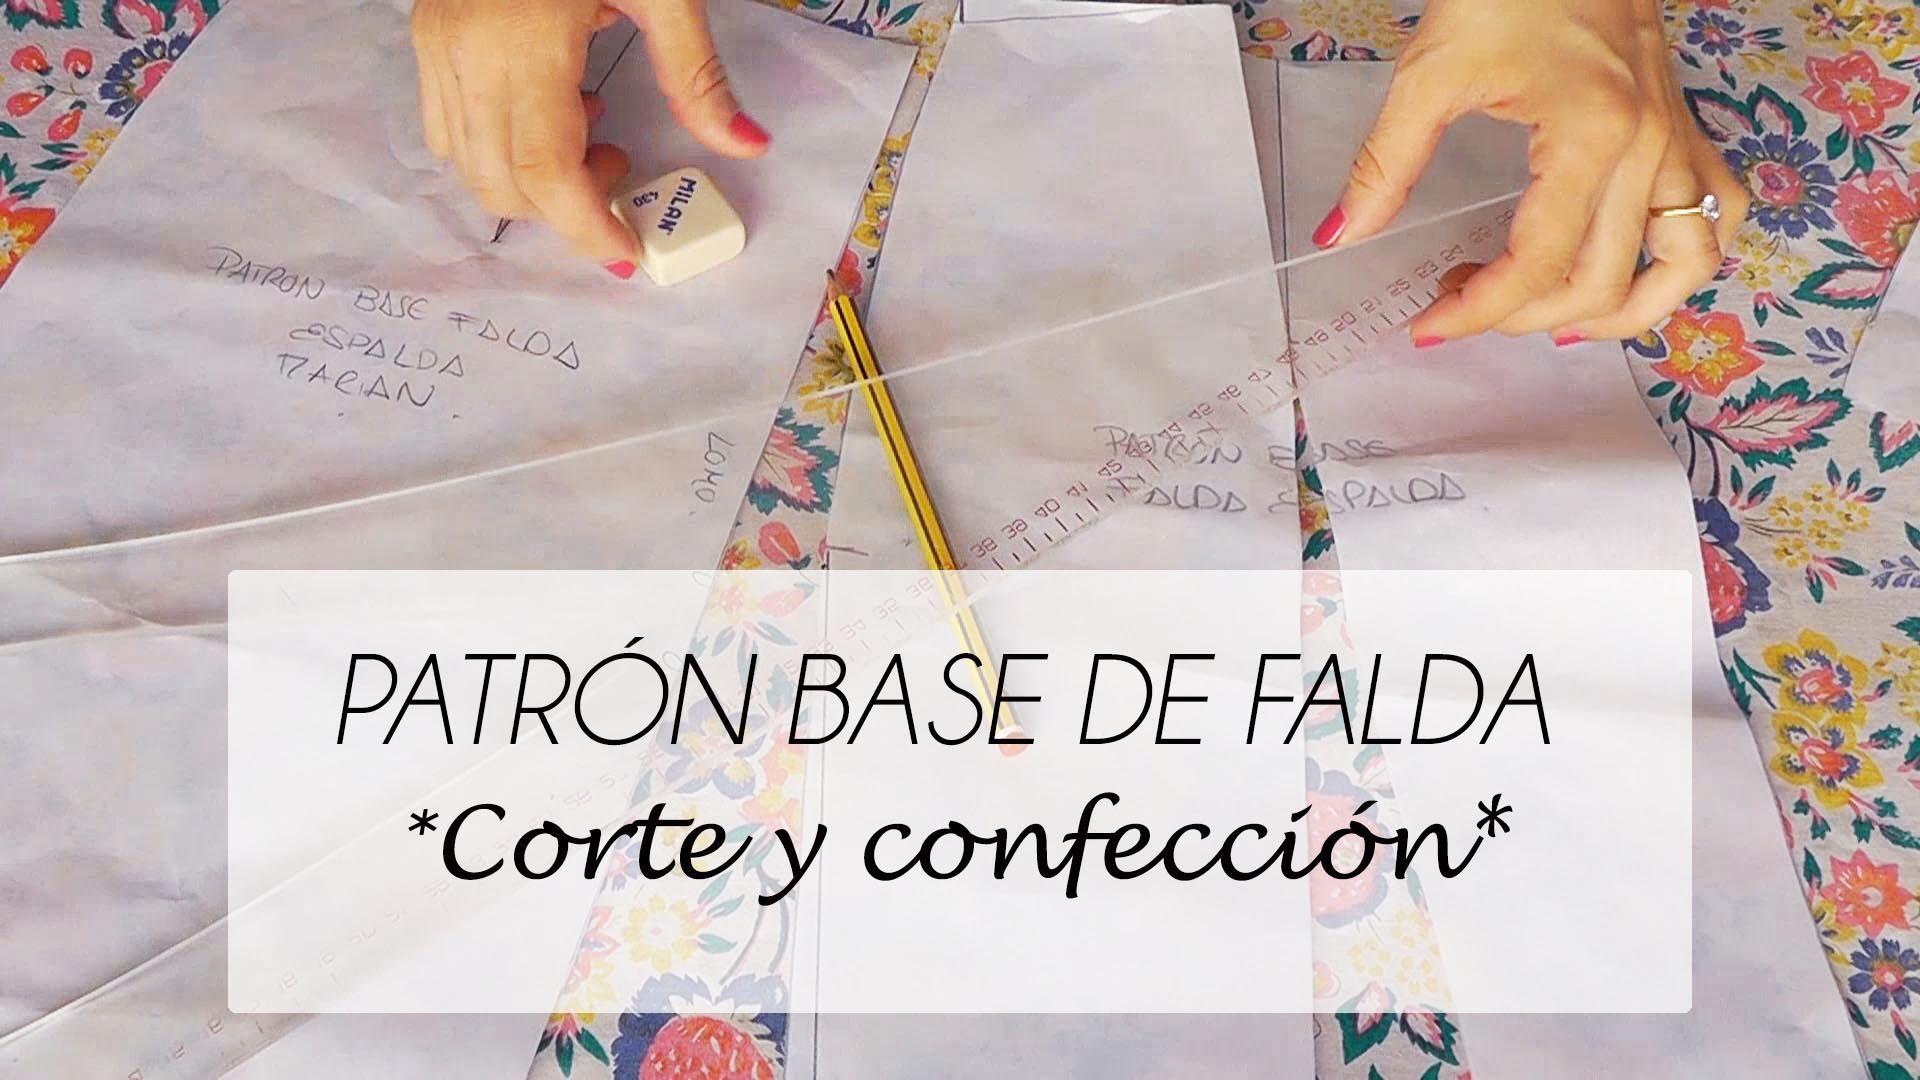 VIDEO TUTORIAL PATRÓN BASE DE FALDA (PATRONAJE)